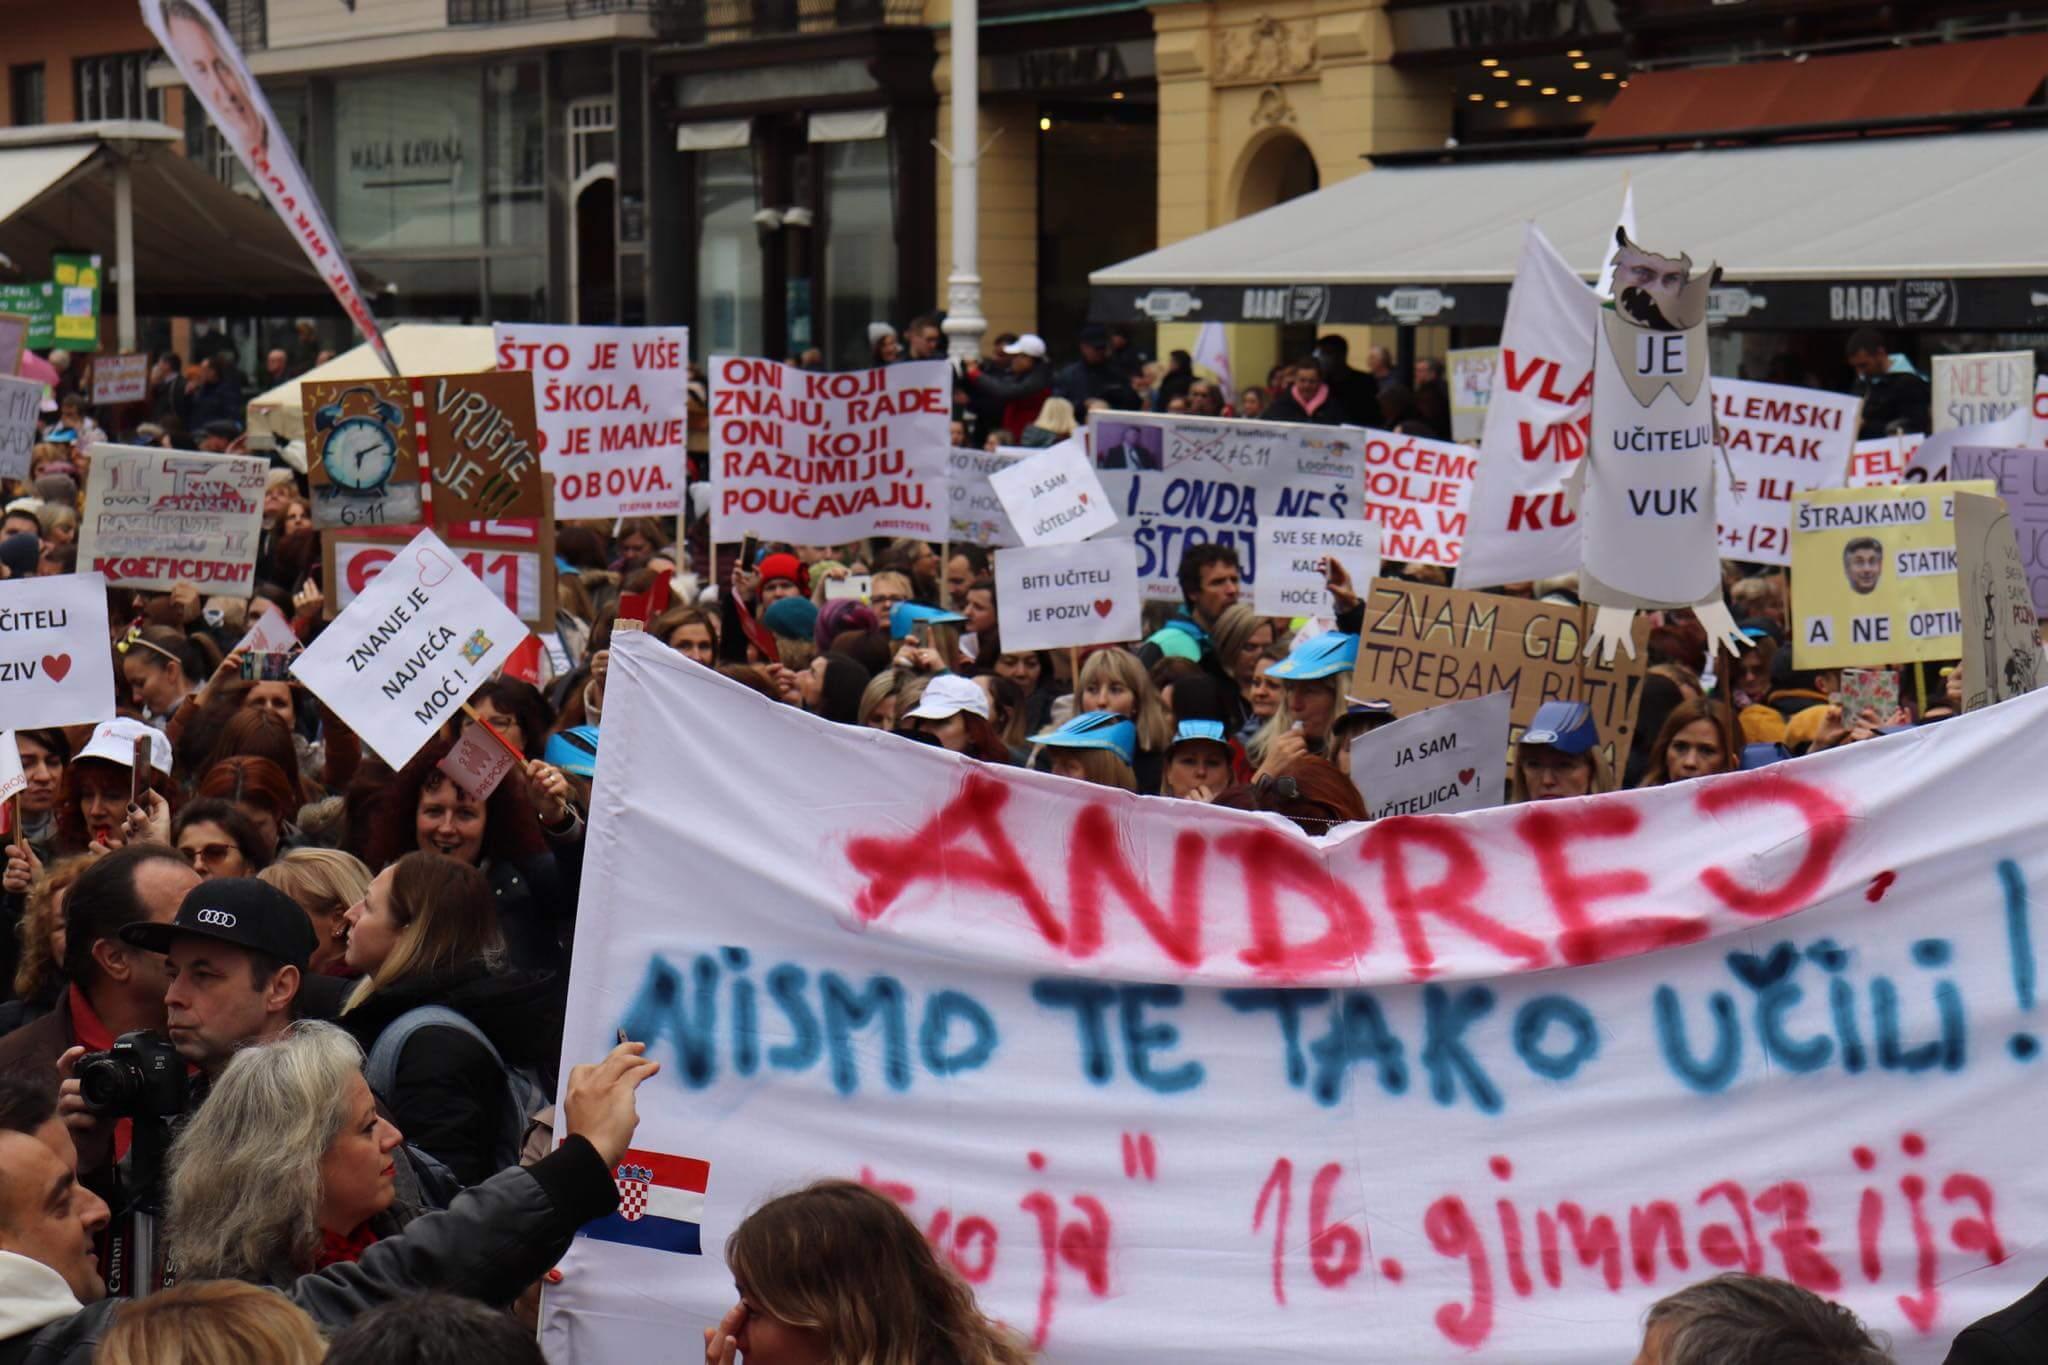 [Foto] Na prosvjedu 'Hrvatska mora bolje' osvanula neobična zastava